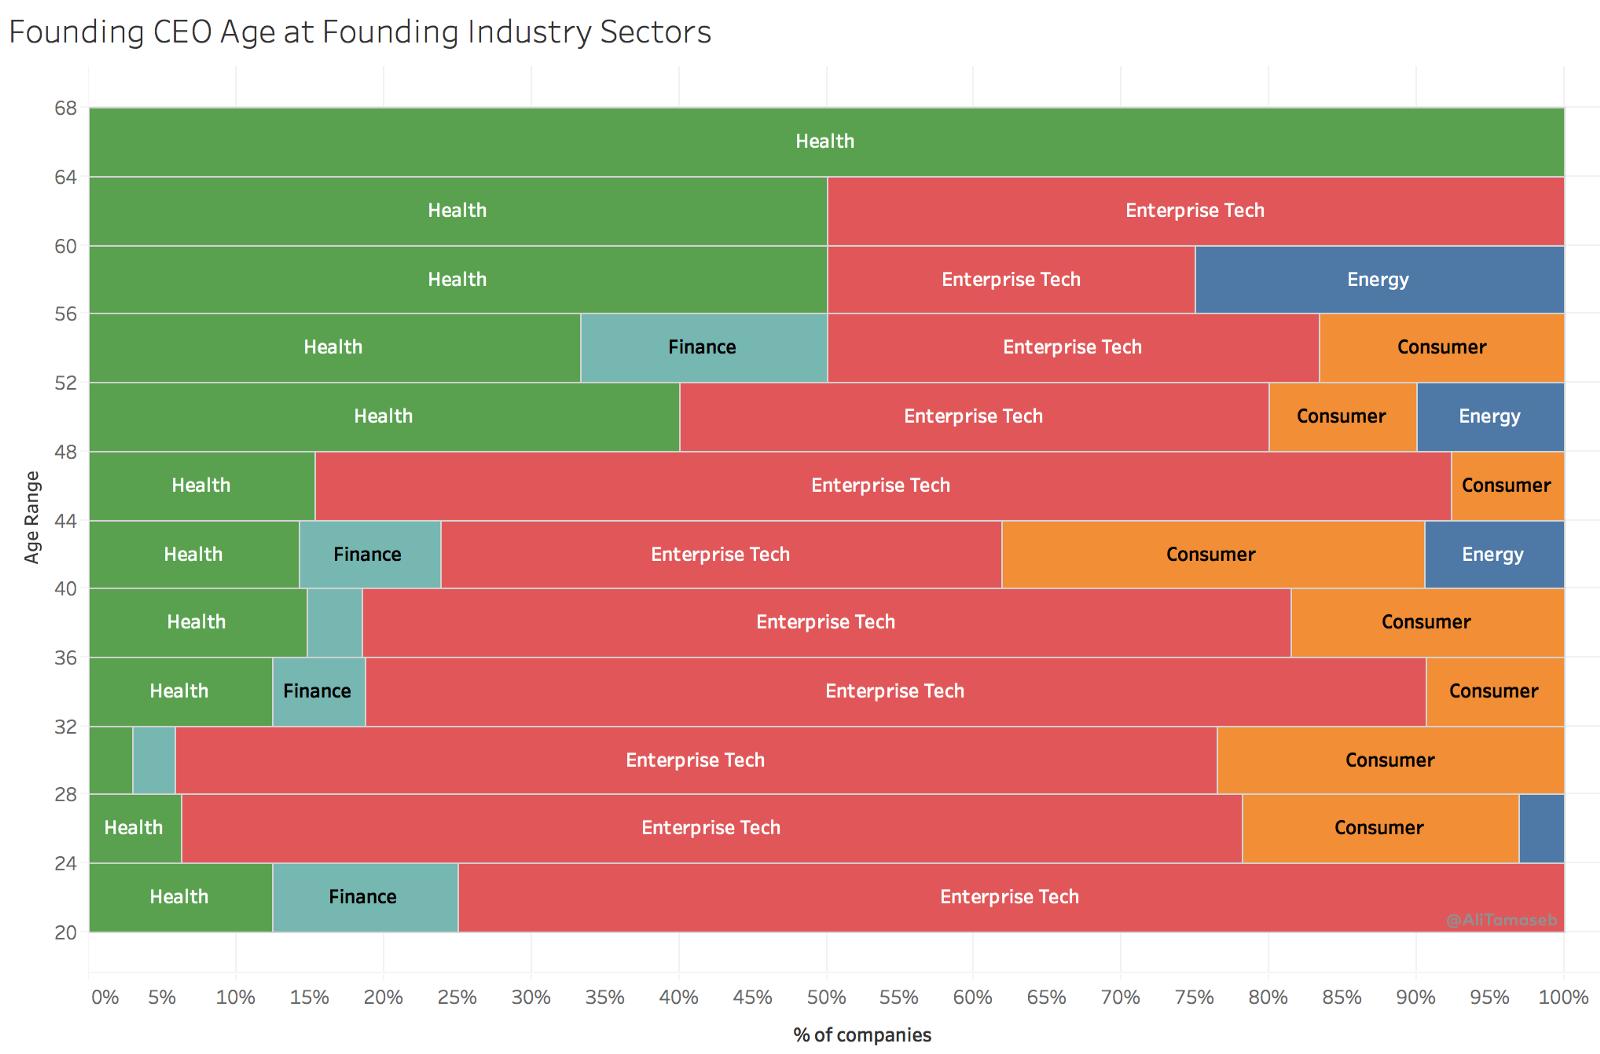 Распределение возрастов основателей в зависимости от отрасли, график Али Тамасеба